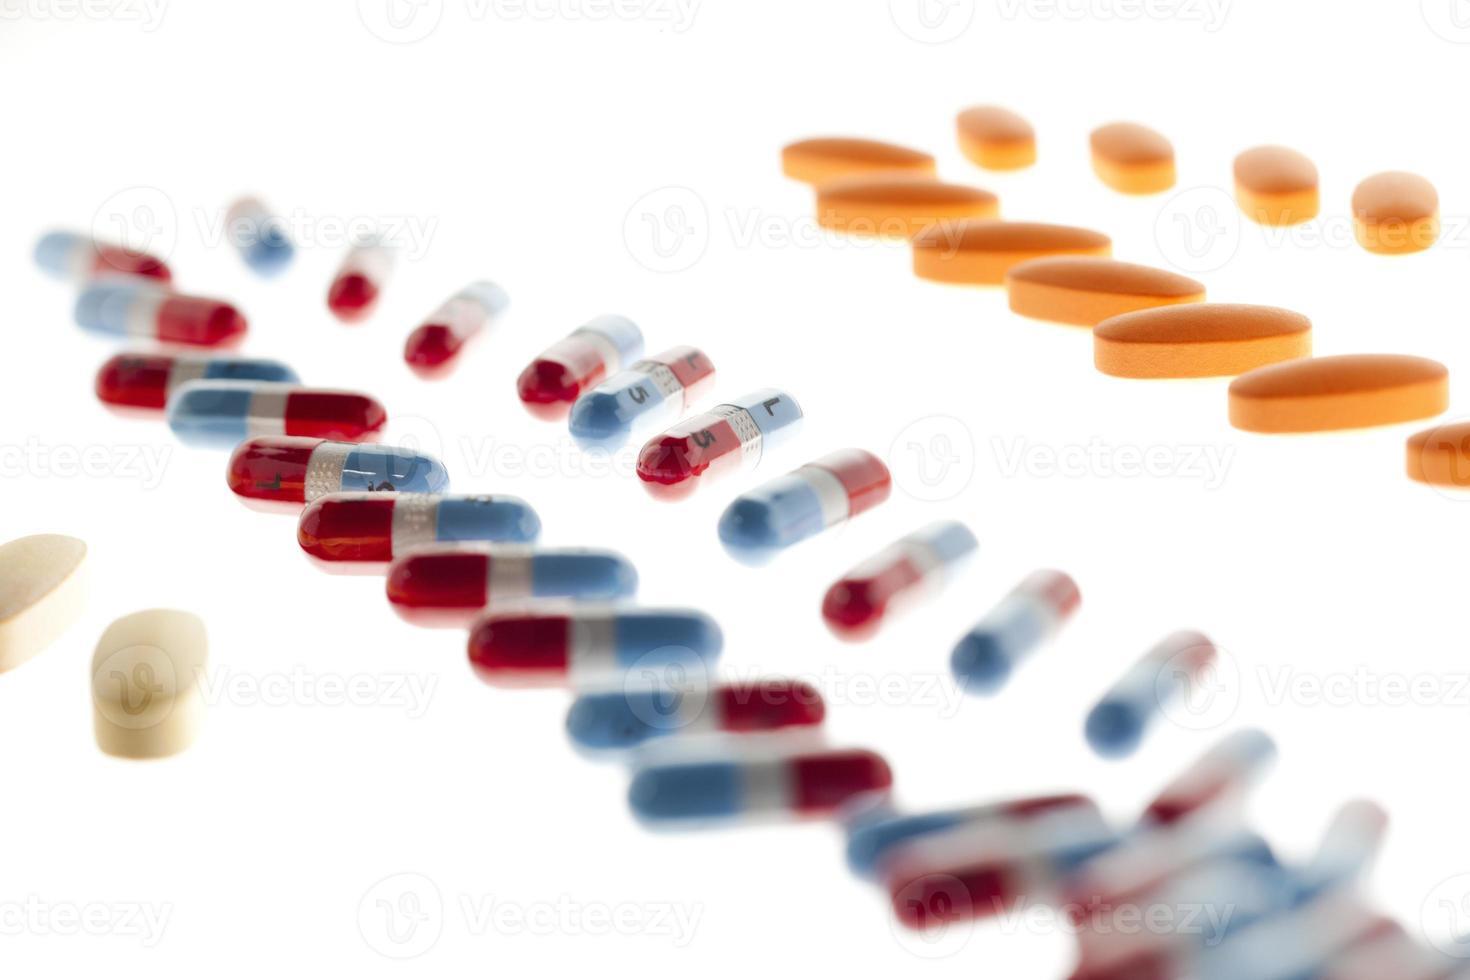 medicinali soggetti a prescrizione medica foto